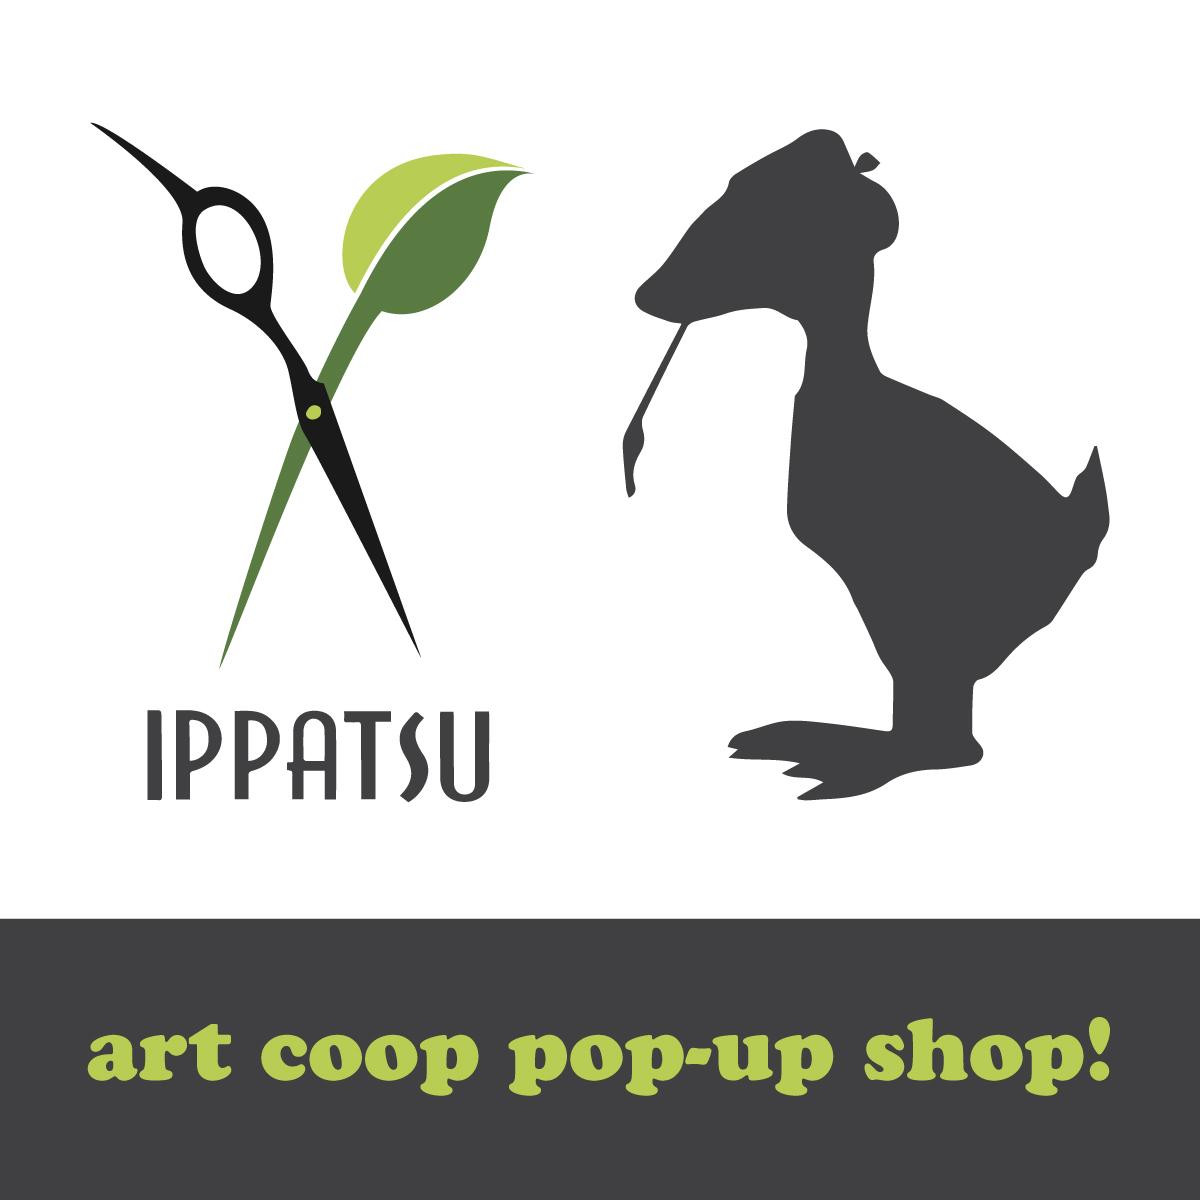 Ippatsu Pop-Up Shop Kit #6